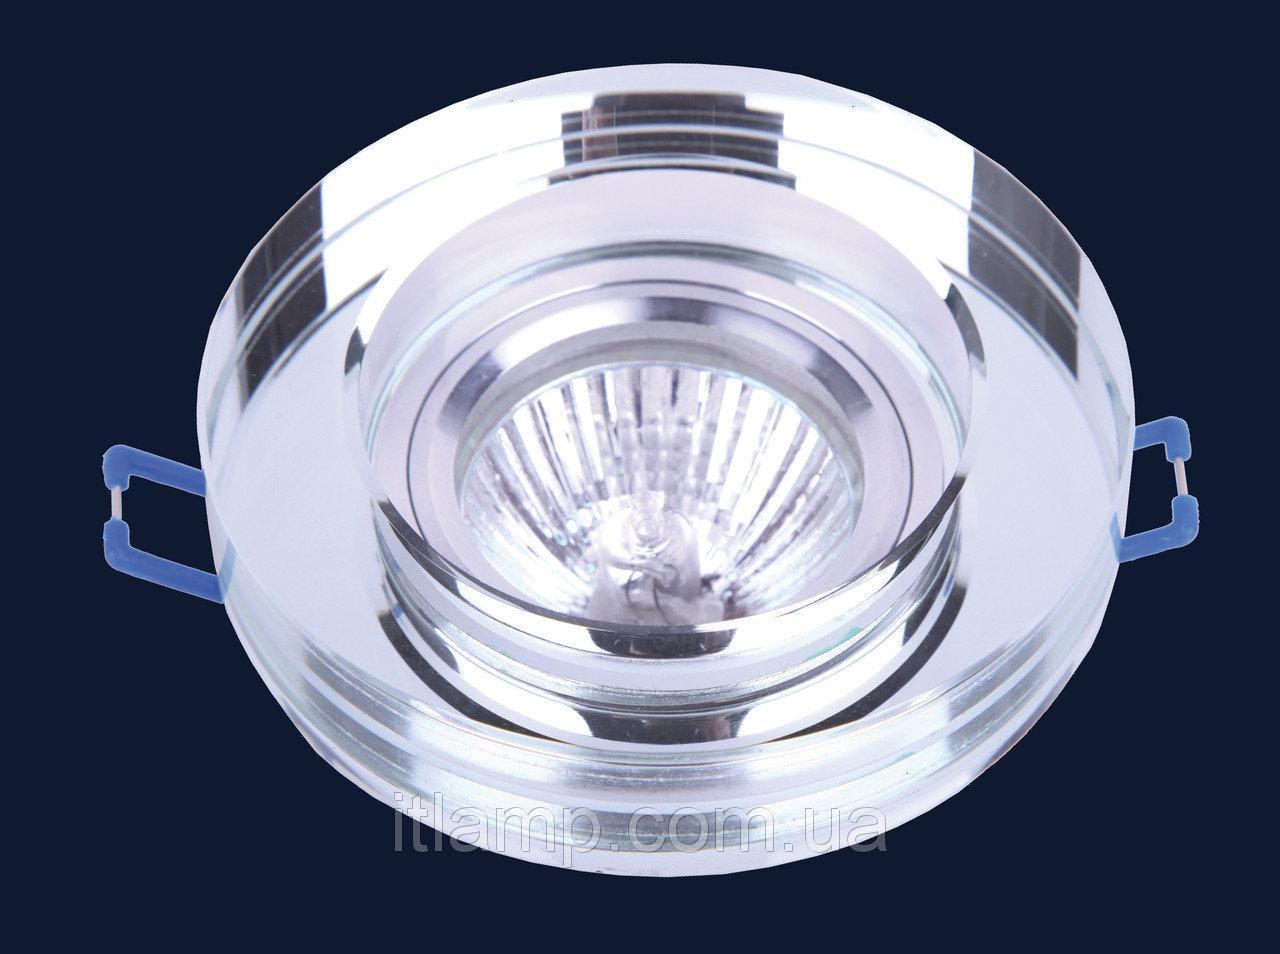 Врезной светильник со стеклом Levistella 705186